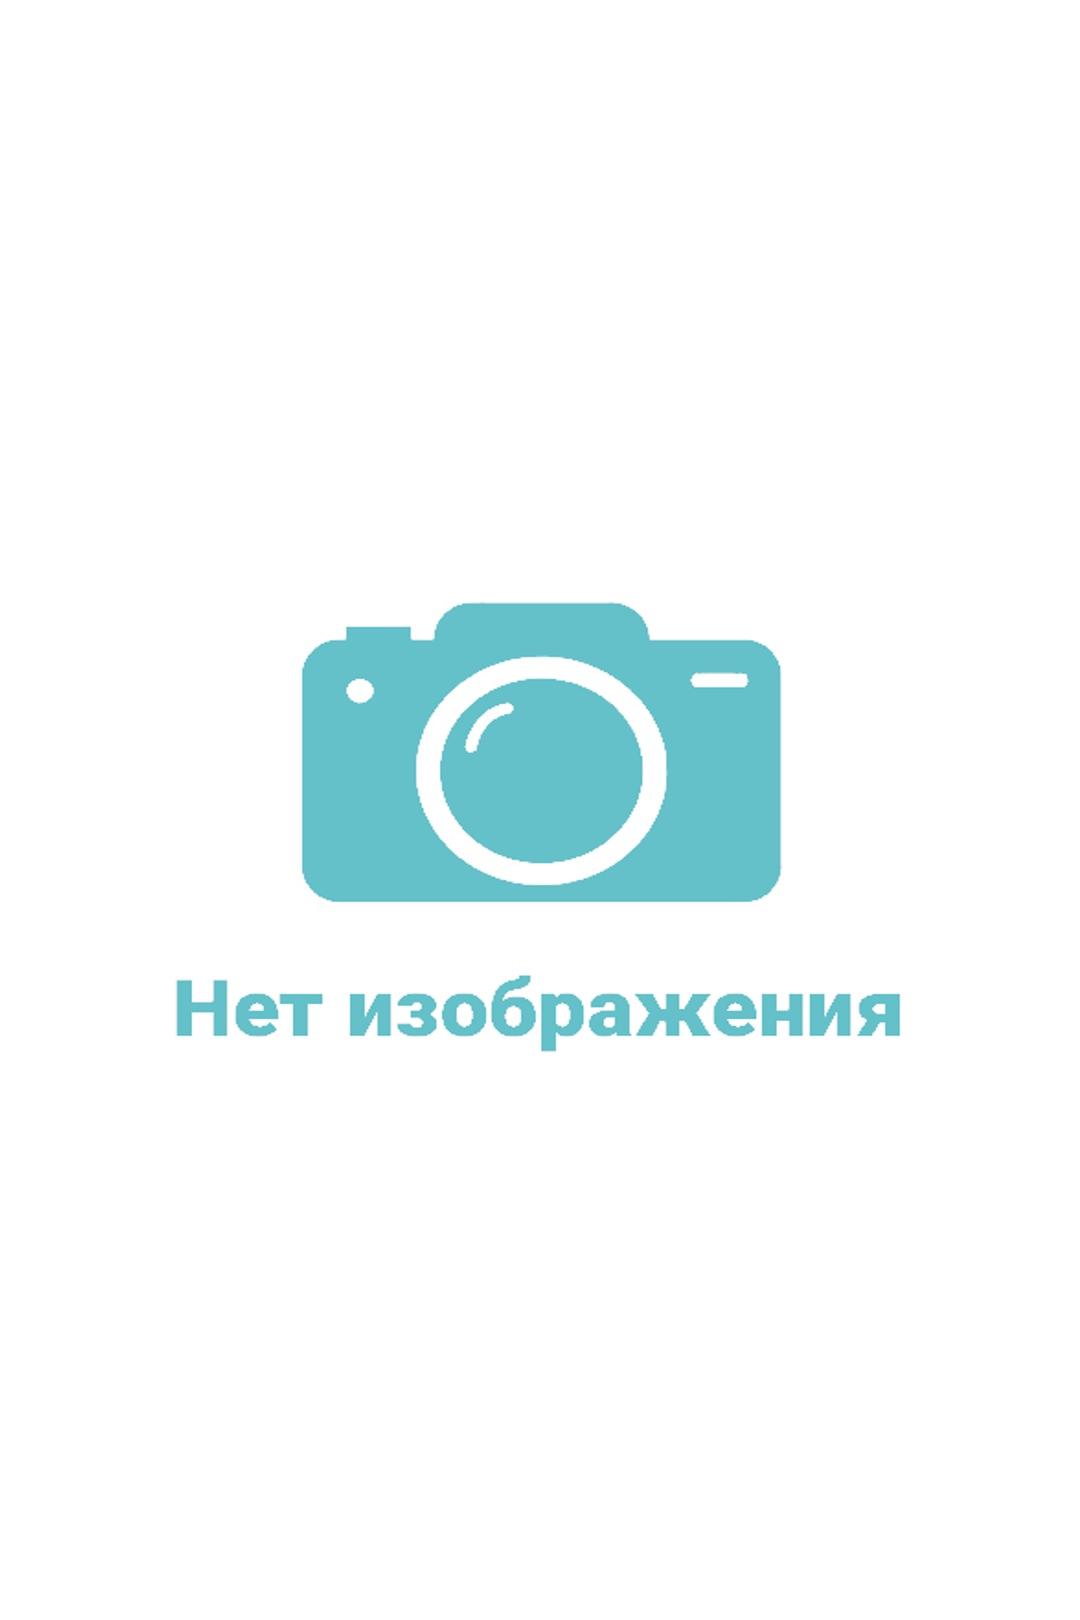 Эндокринолог Куфтова Юлия Владимировна